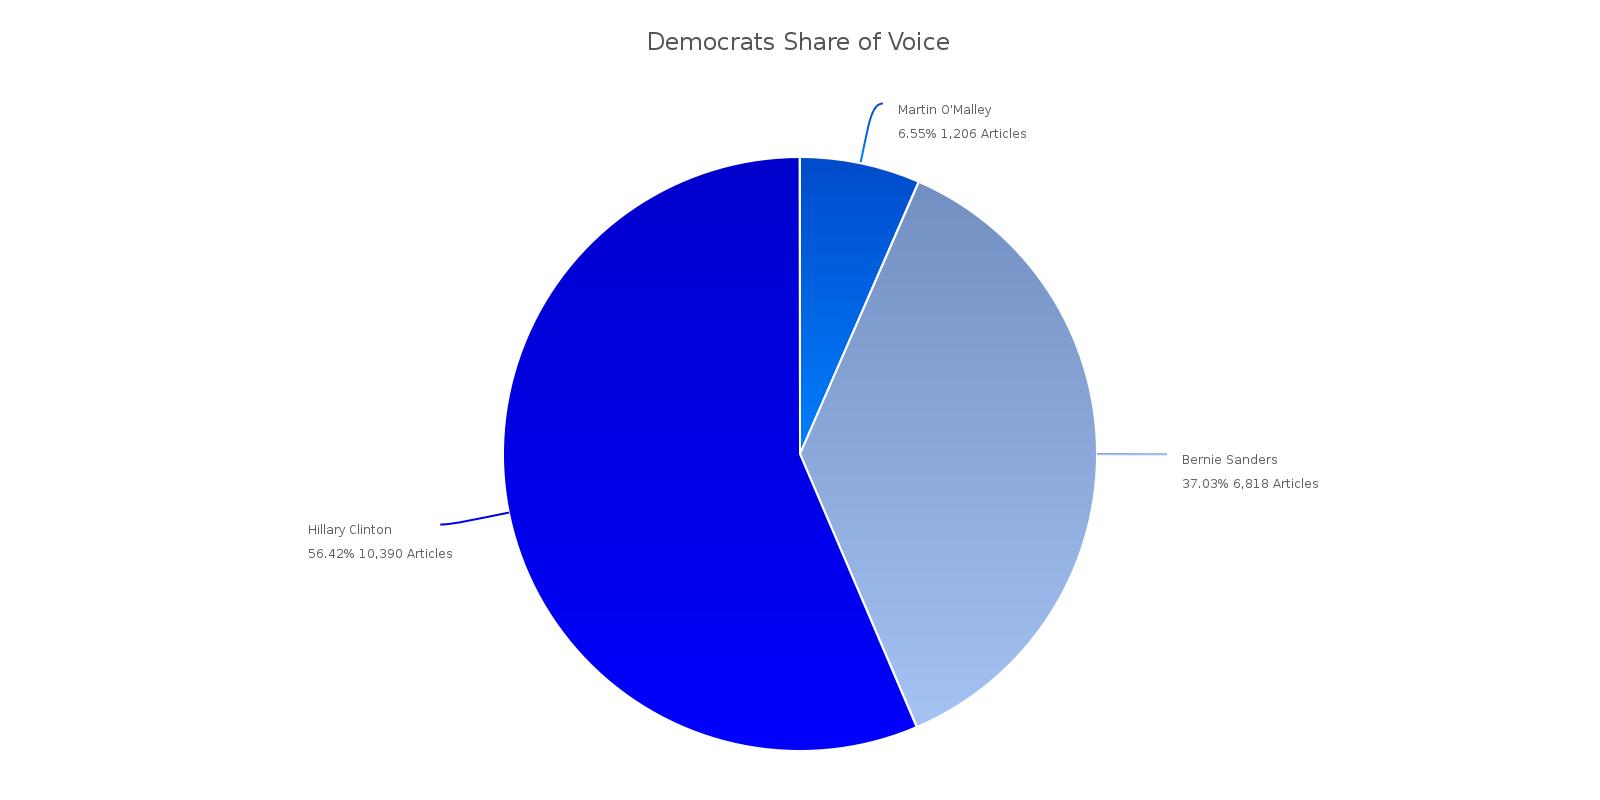 Mediendominanz der demokratischen Wahlkampfkandidaten